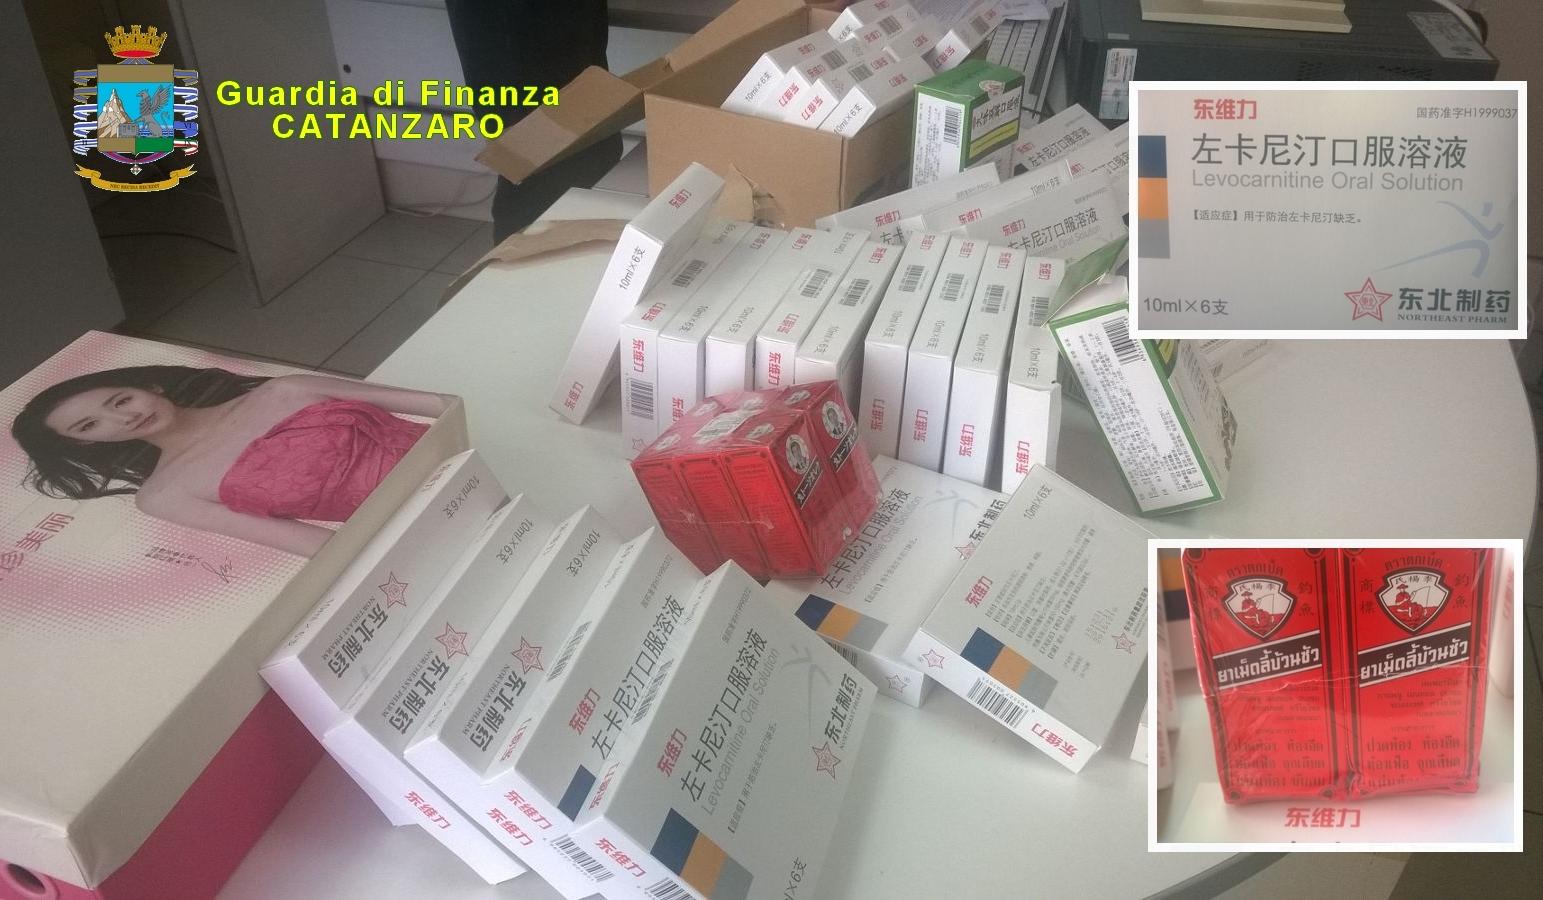 Farmaci cinesi sequestrati all'aeroporto di LameziaAlto rischio per la salute, denunciata una persona